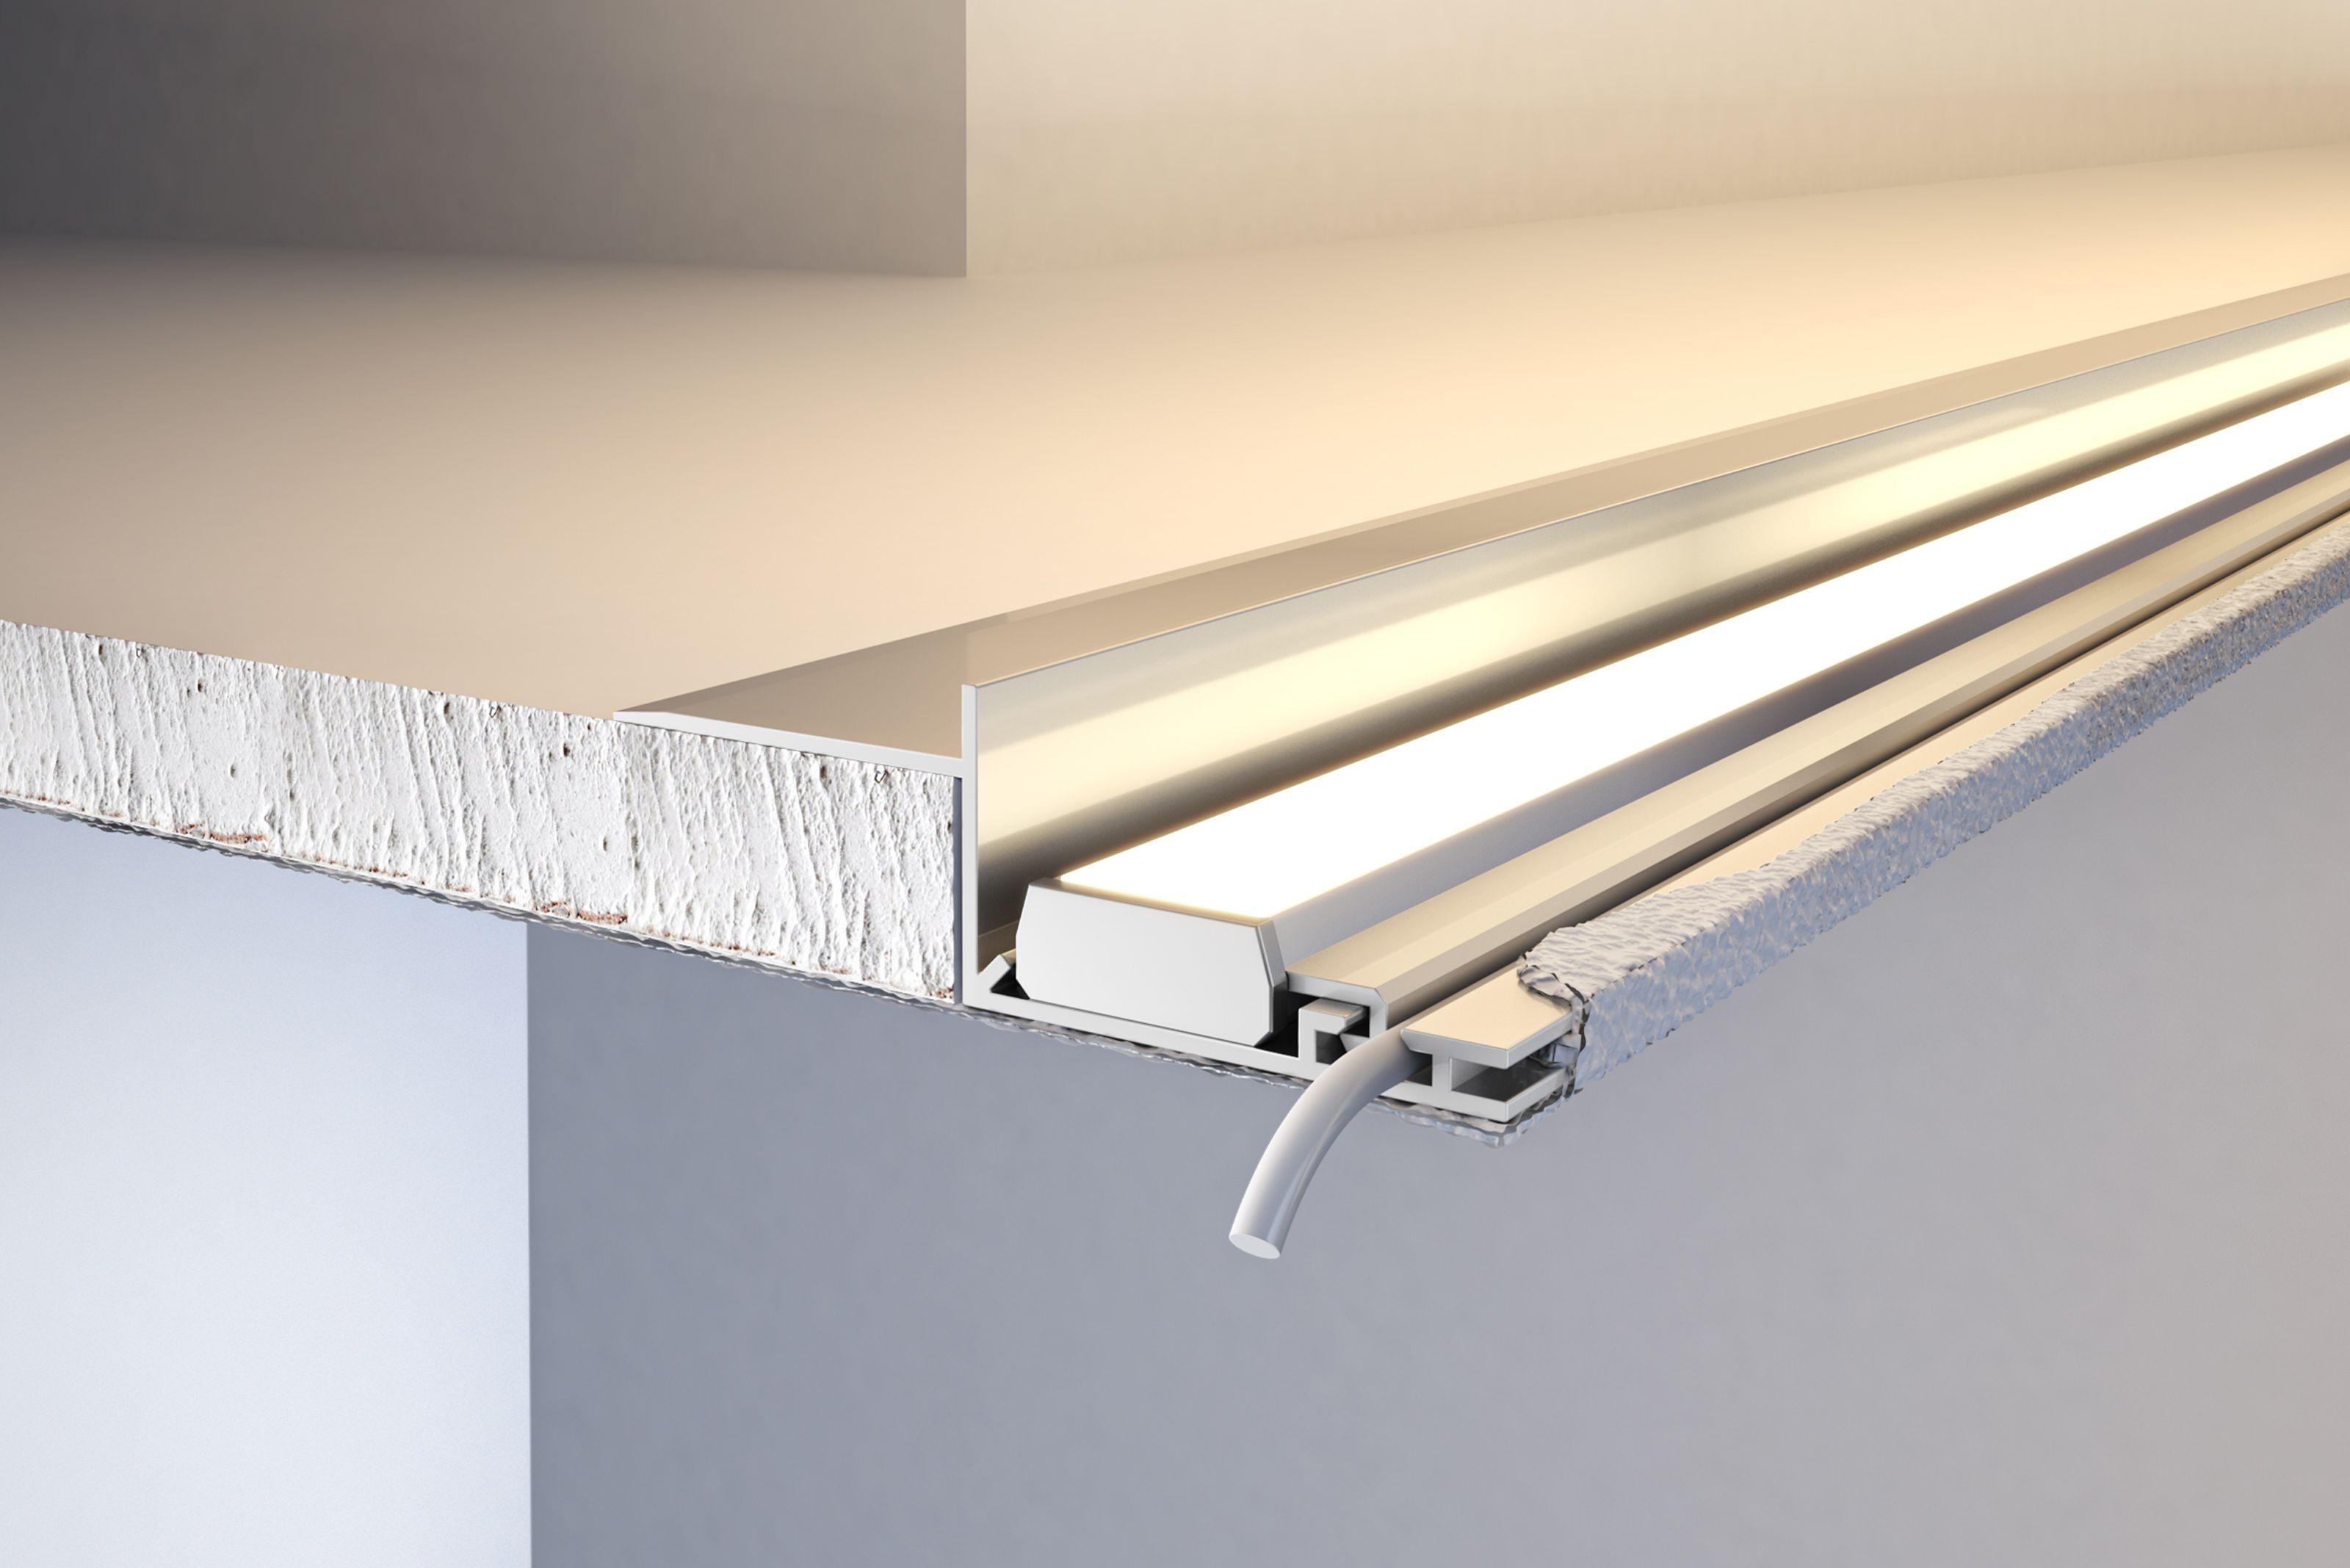 lightline-cala-fp-2-mj-lighting-v2